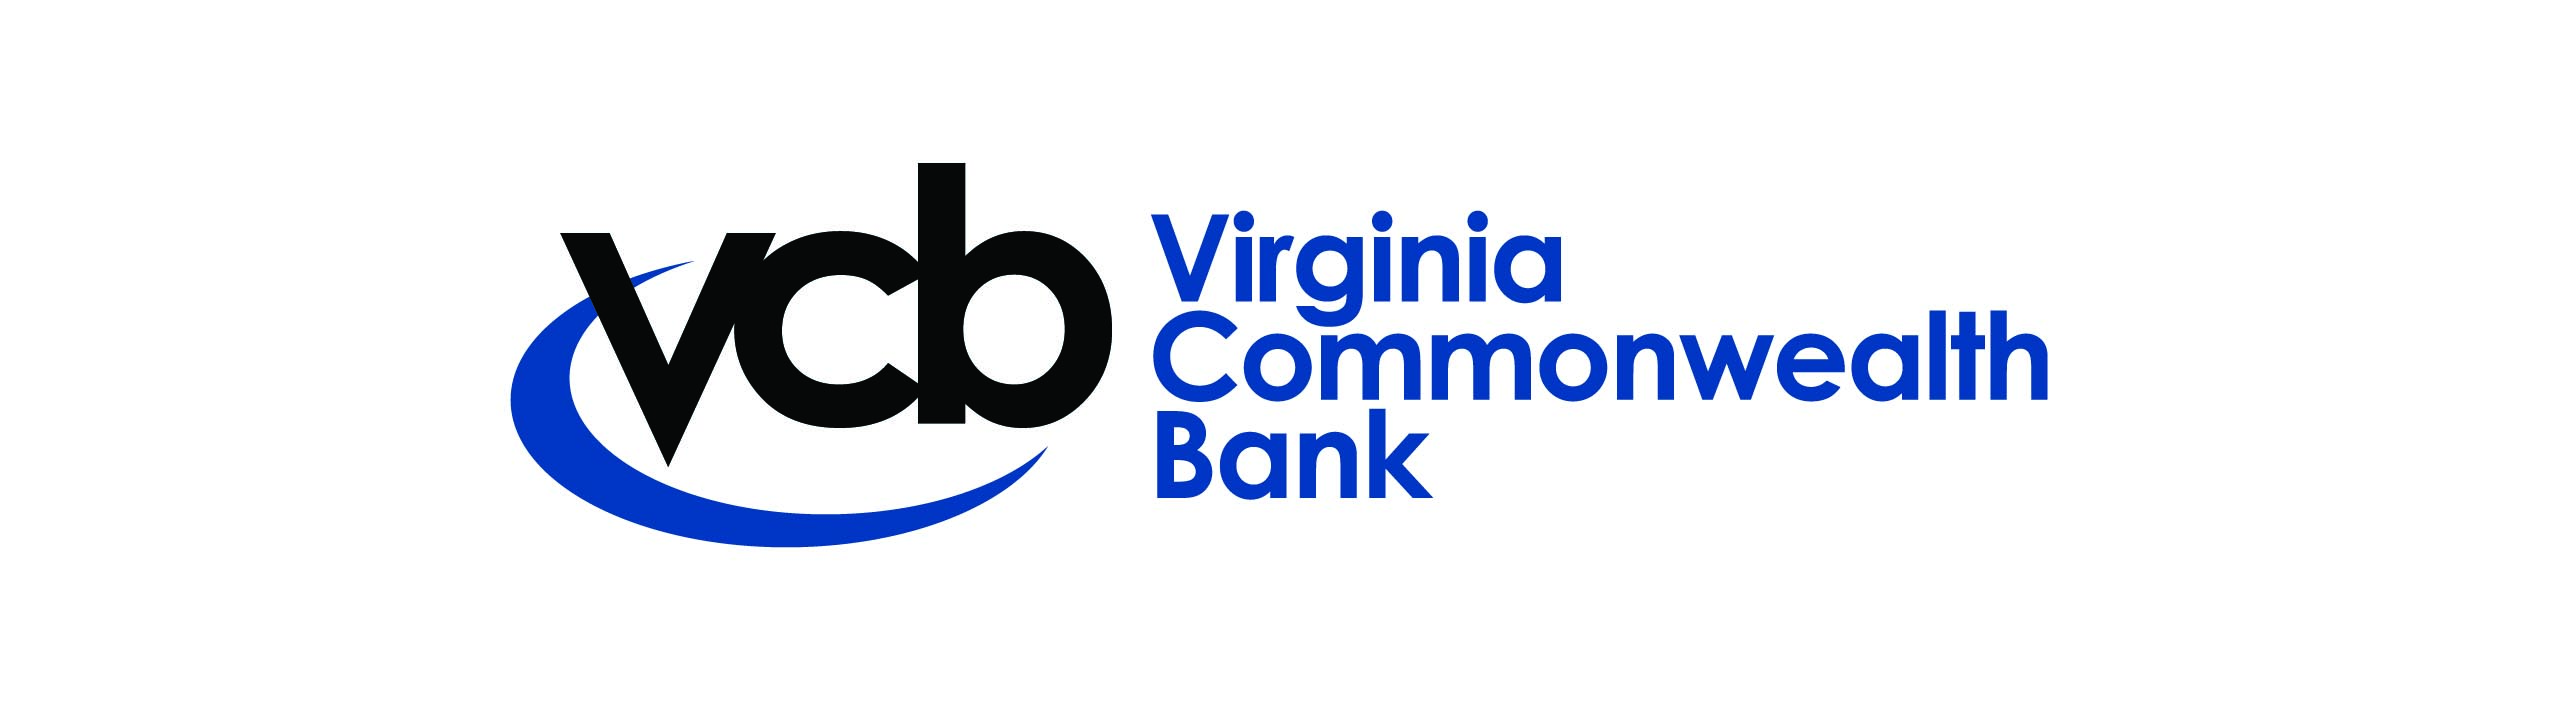 vcb_logo_2c_horz2b